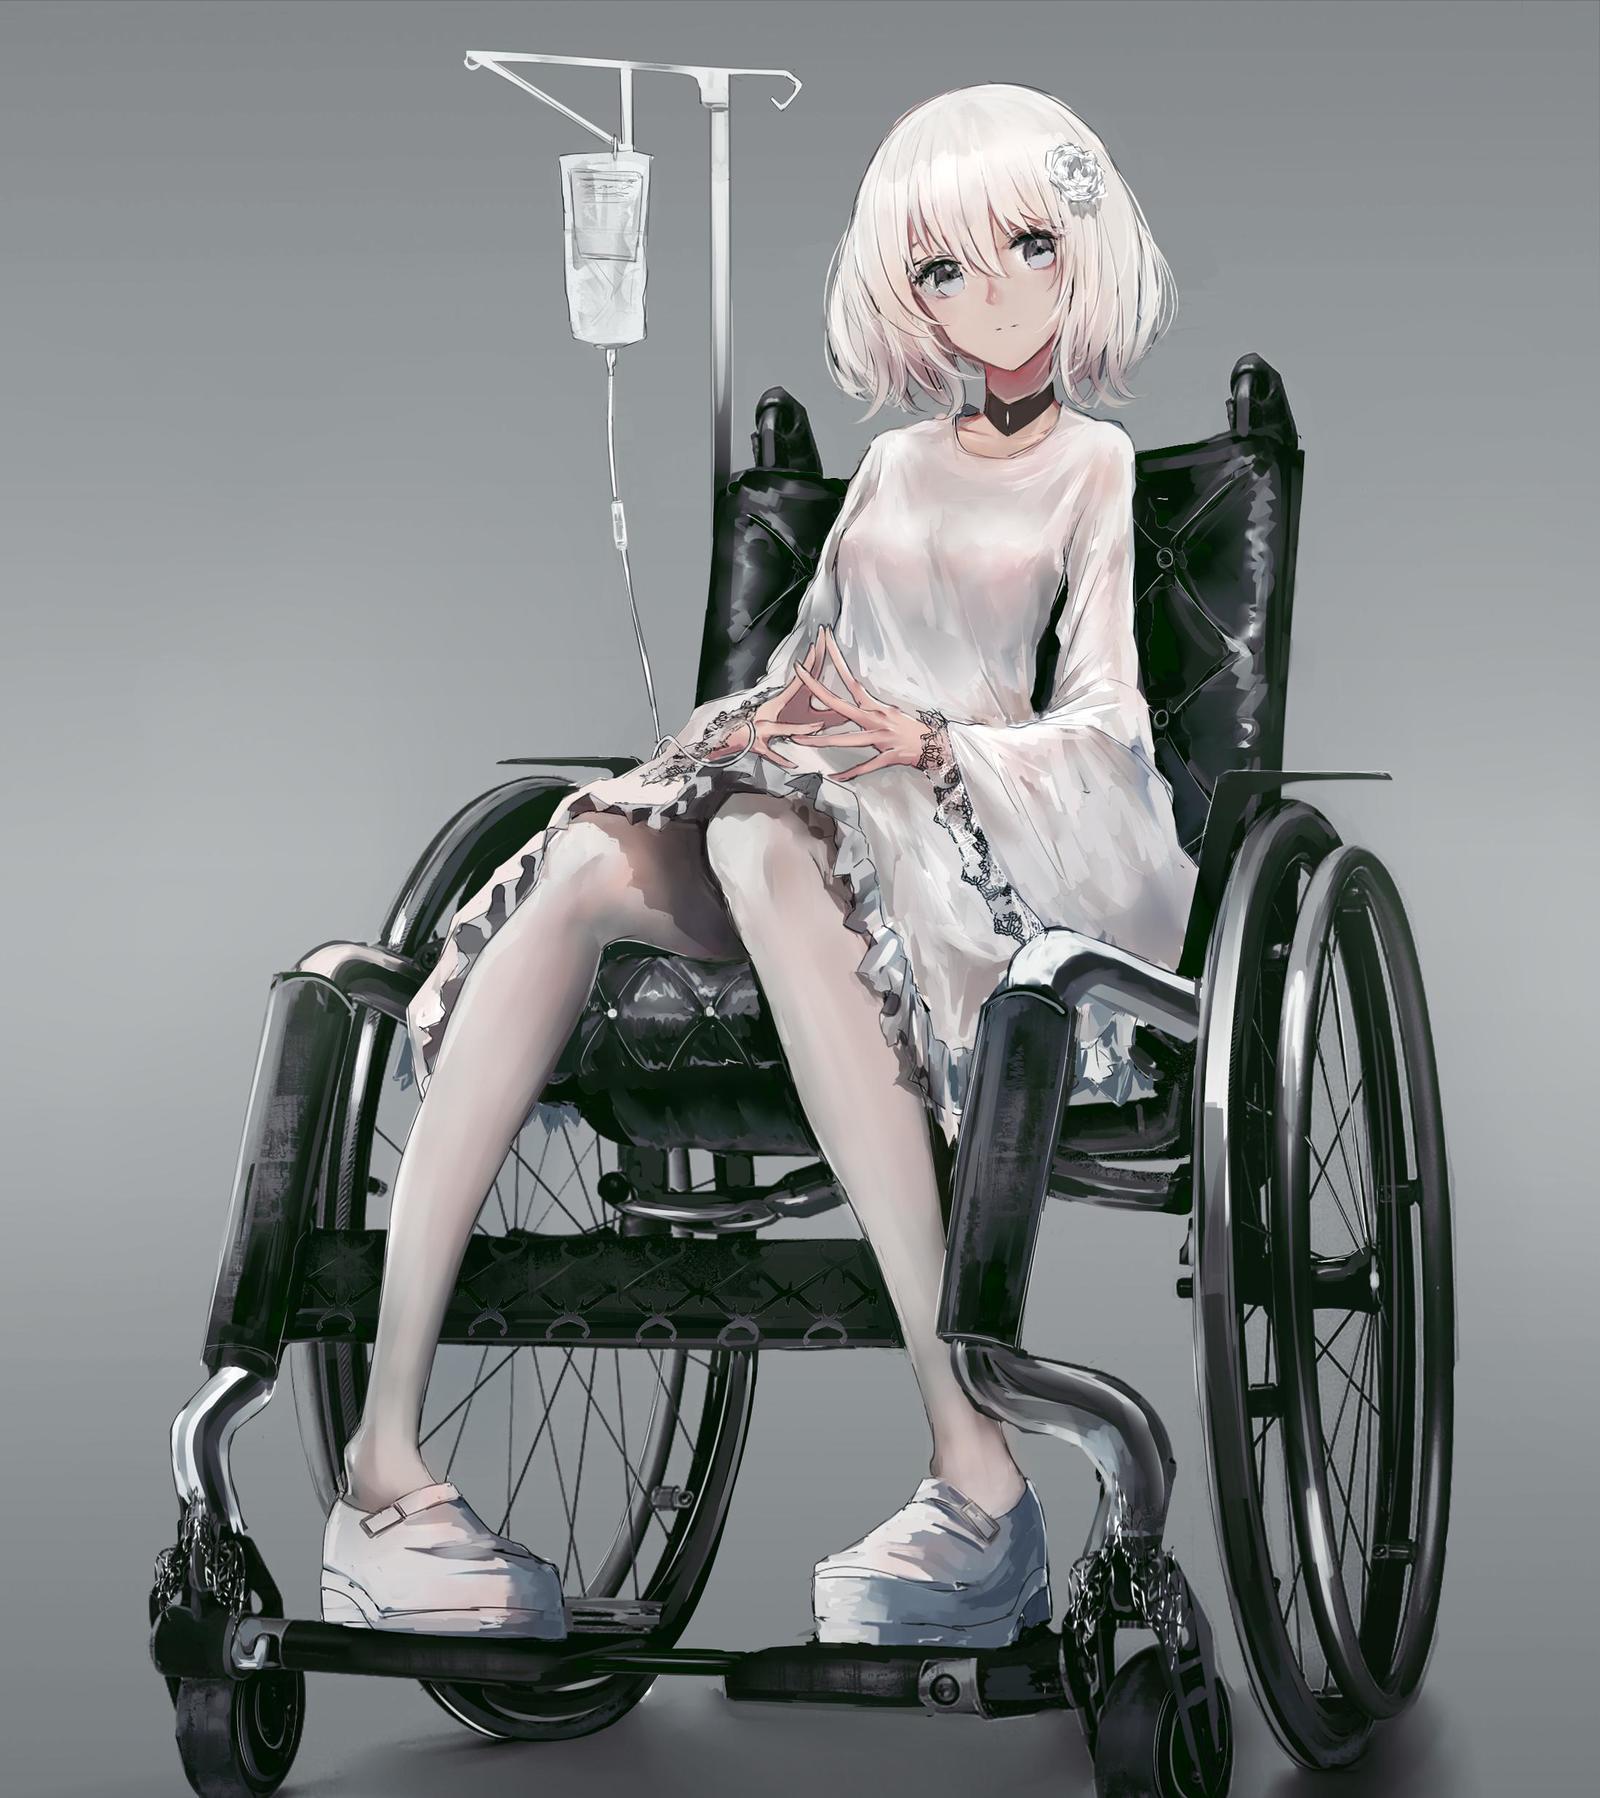 P站画师作品轮椅